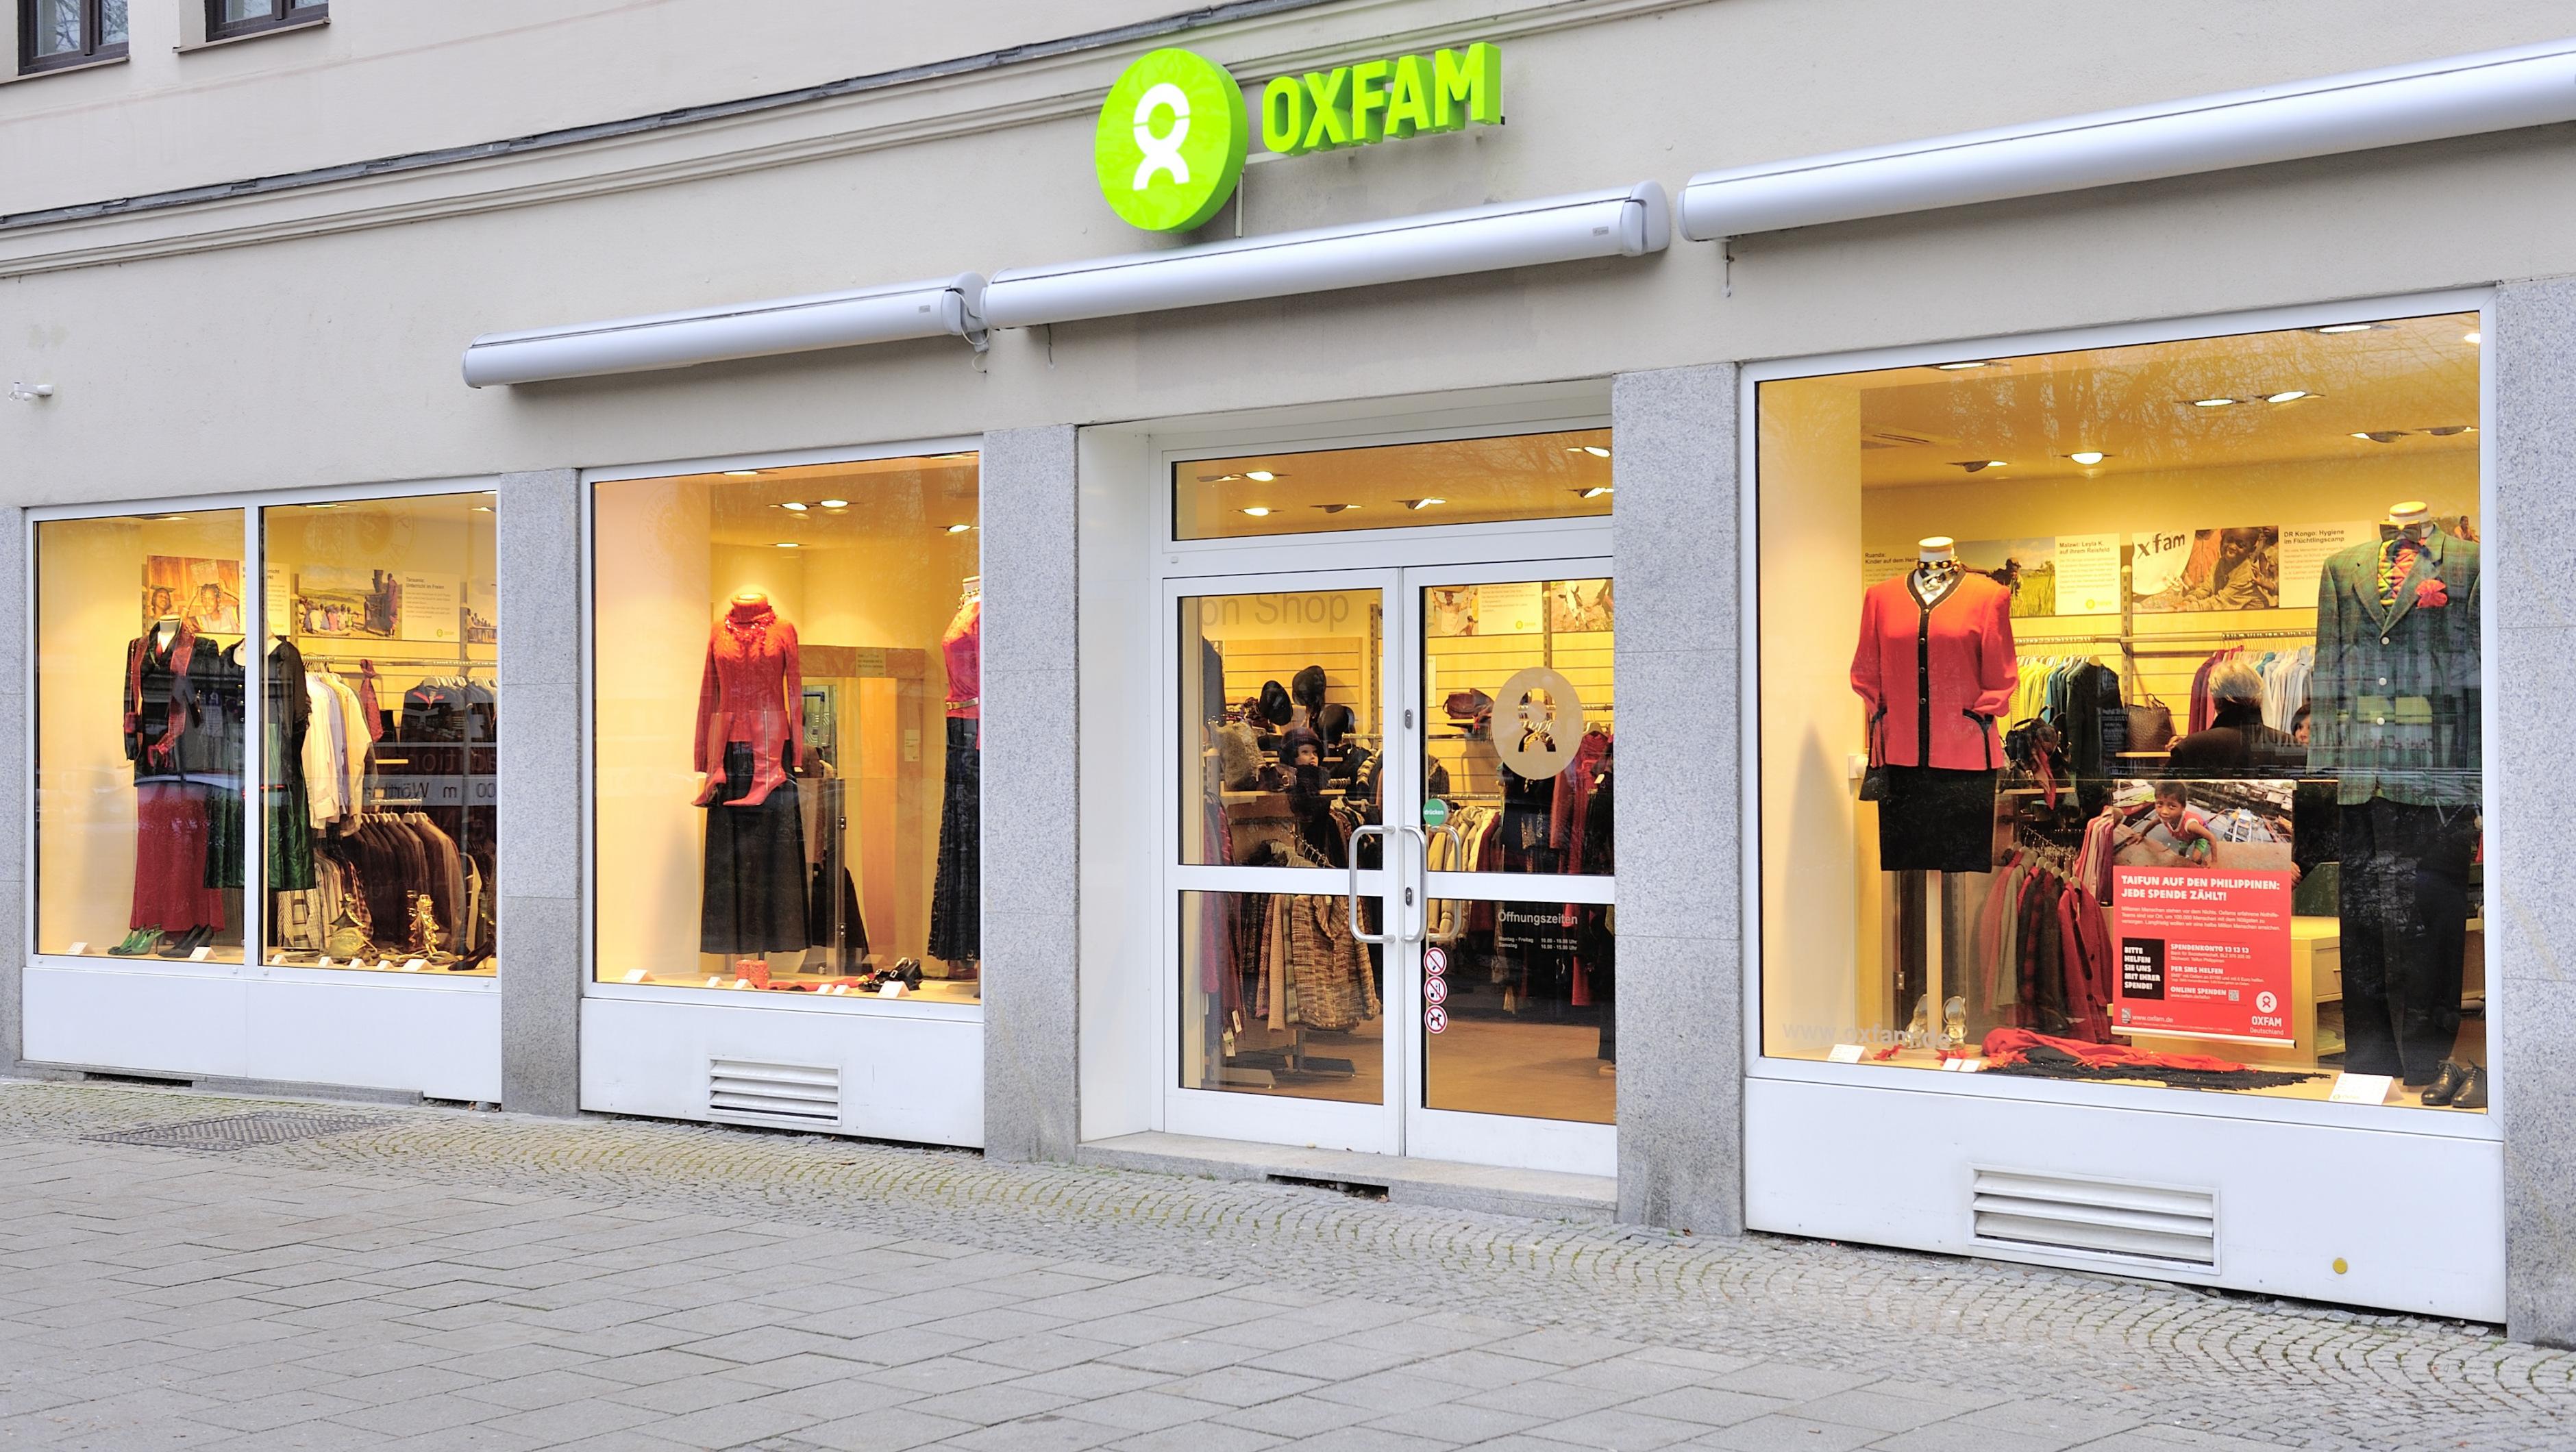 Oxfam Fashionshop München - Außenansicht